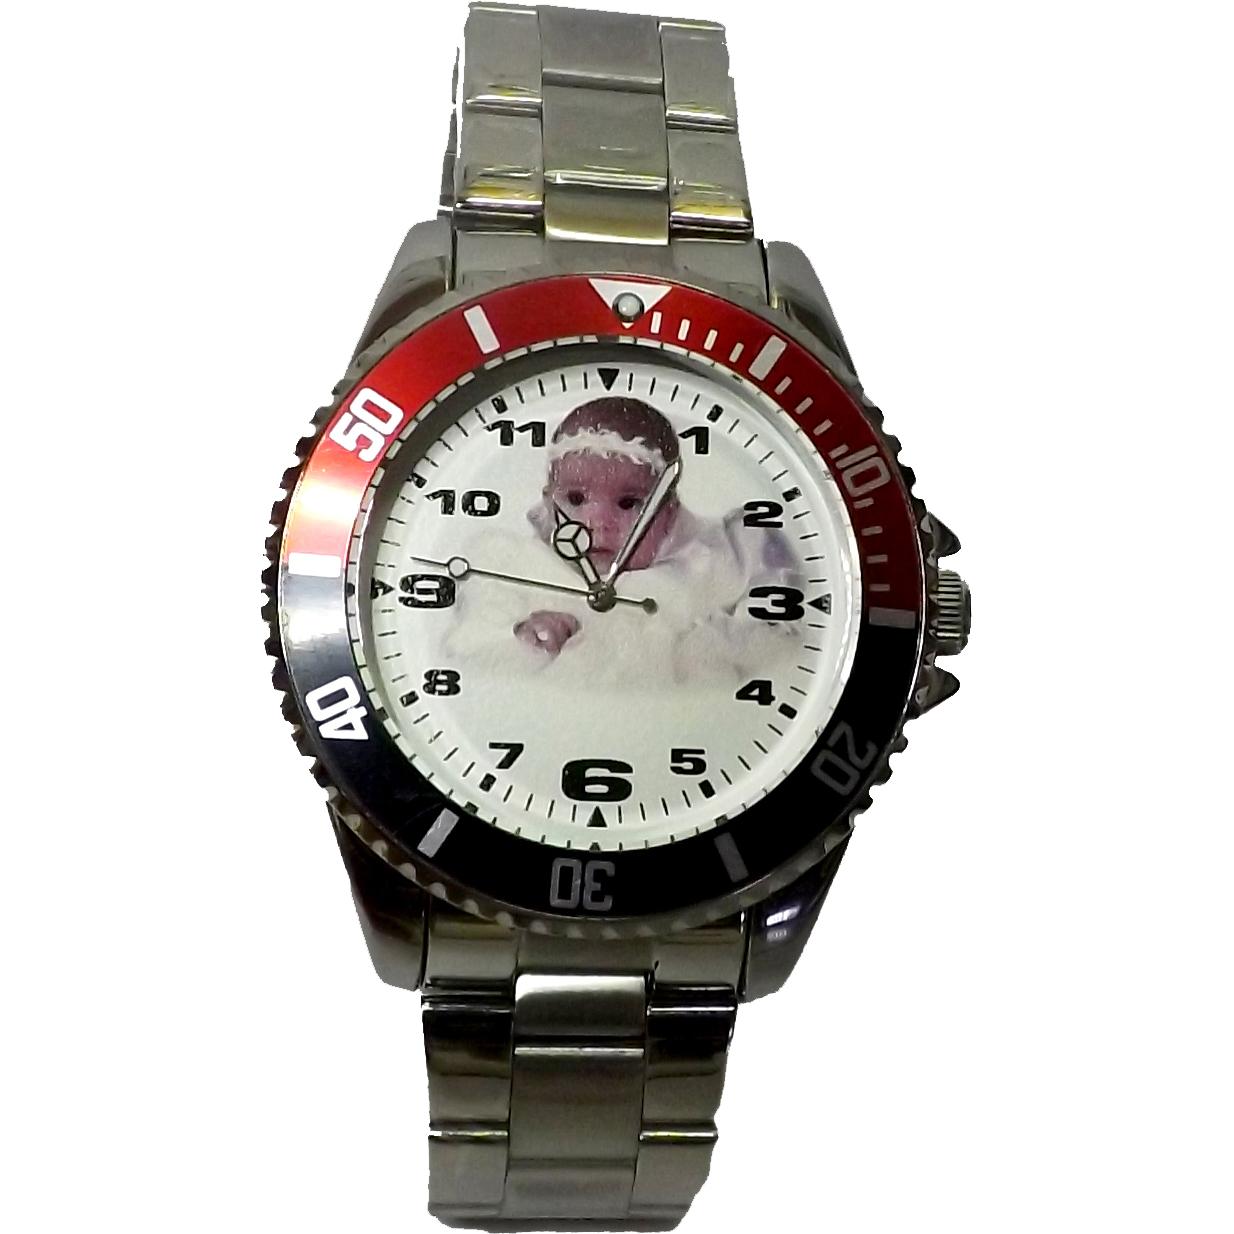 orologio da polso con foto tokyo idea regalo originale